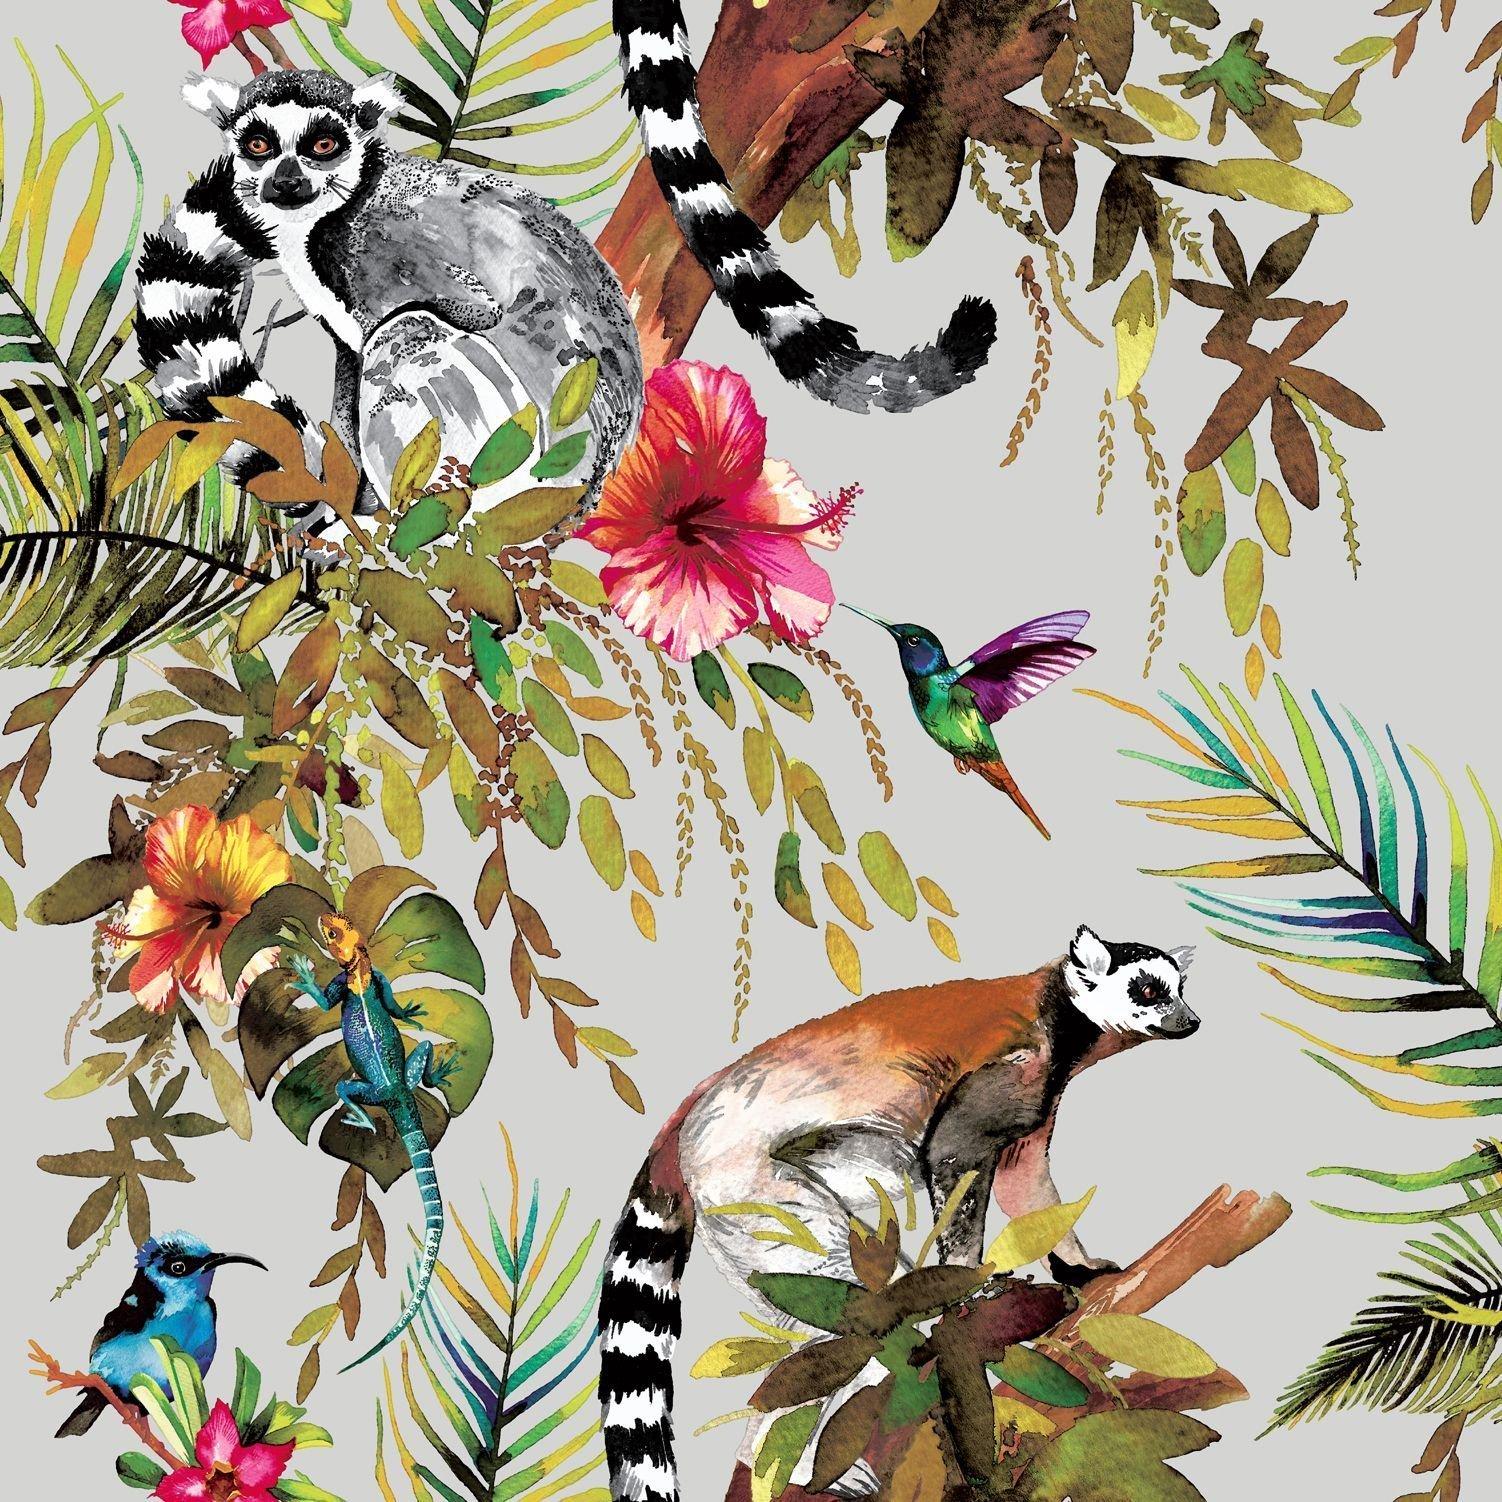 что картинки животные цветы яркие оазис тропики судебное разбирательство вызвало